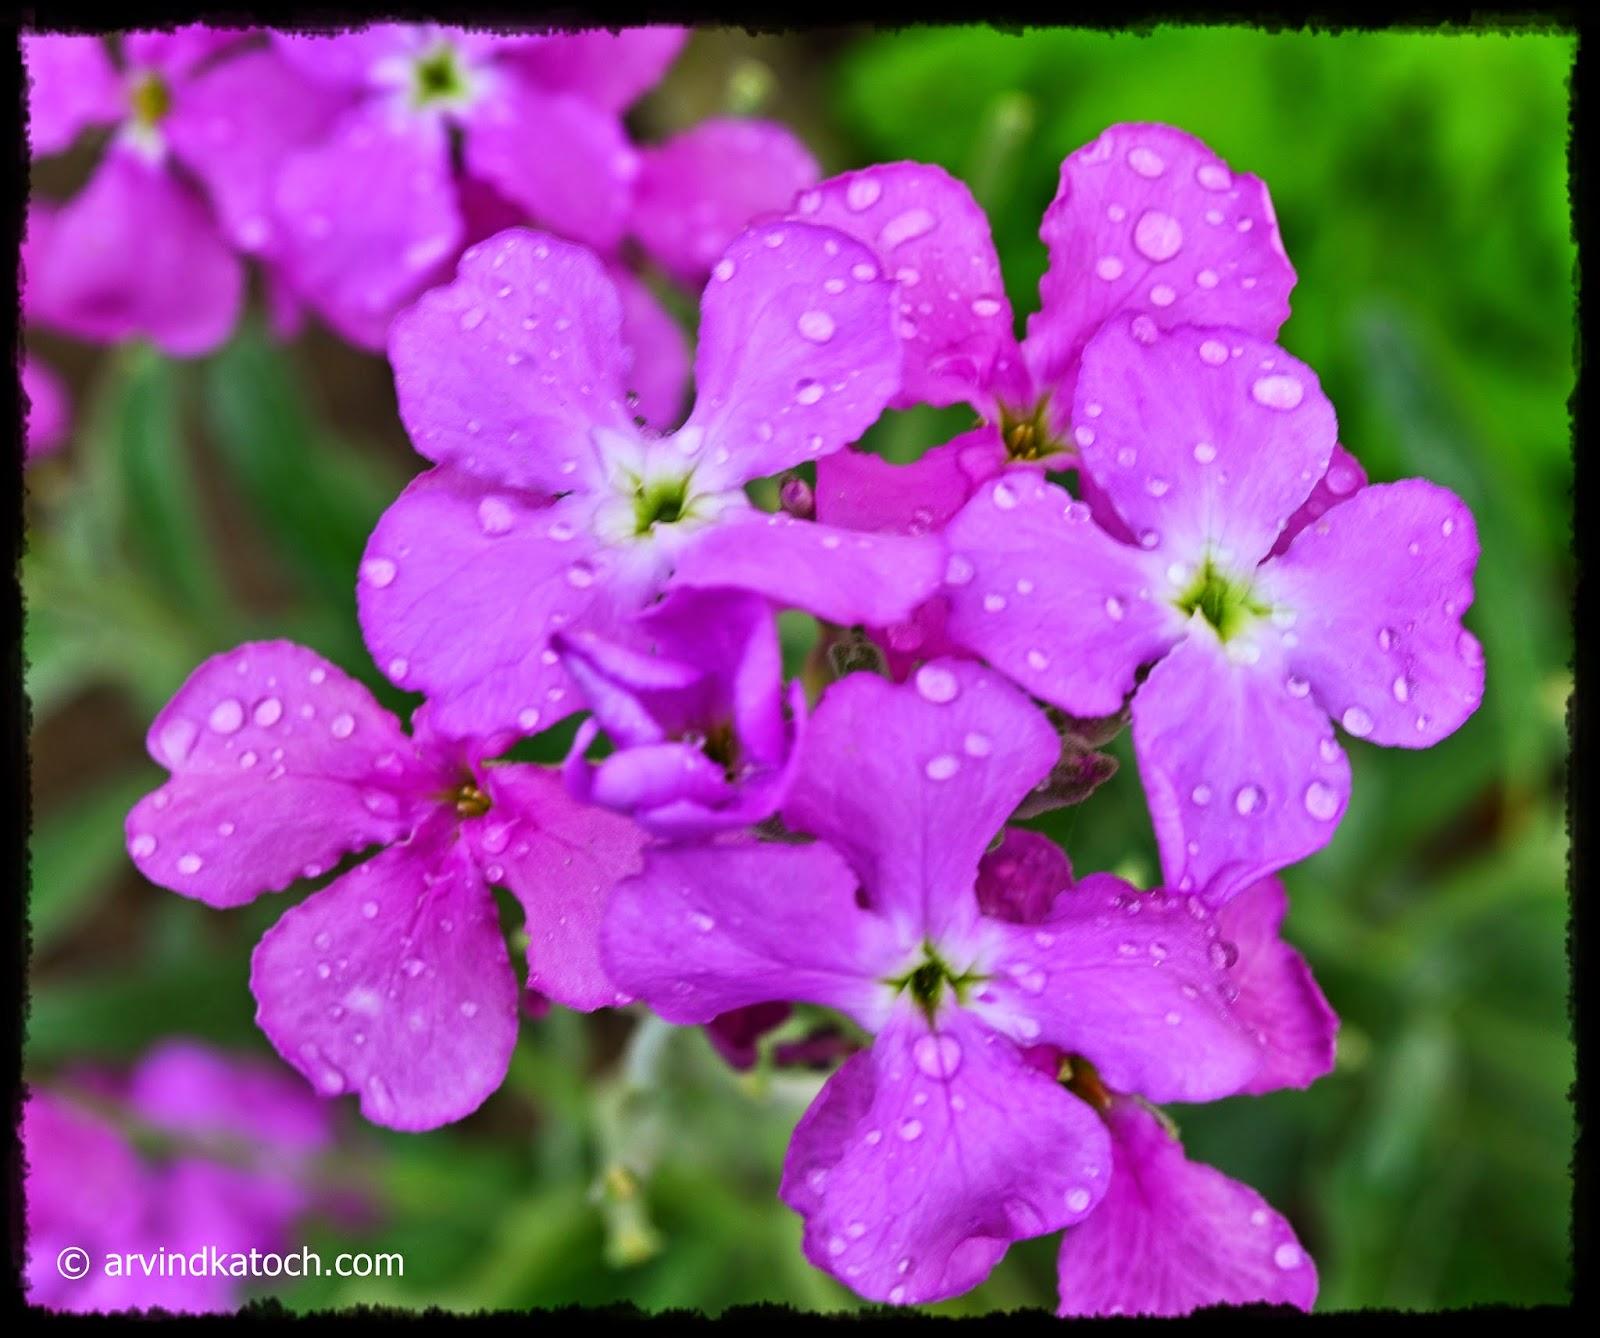 Water Droplets, Flowers, Garden flowers